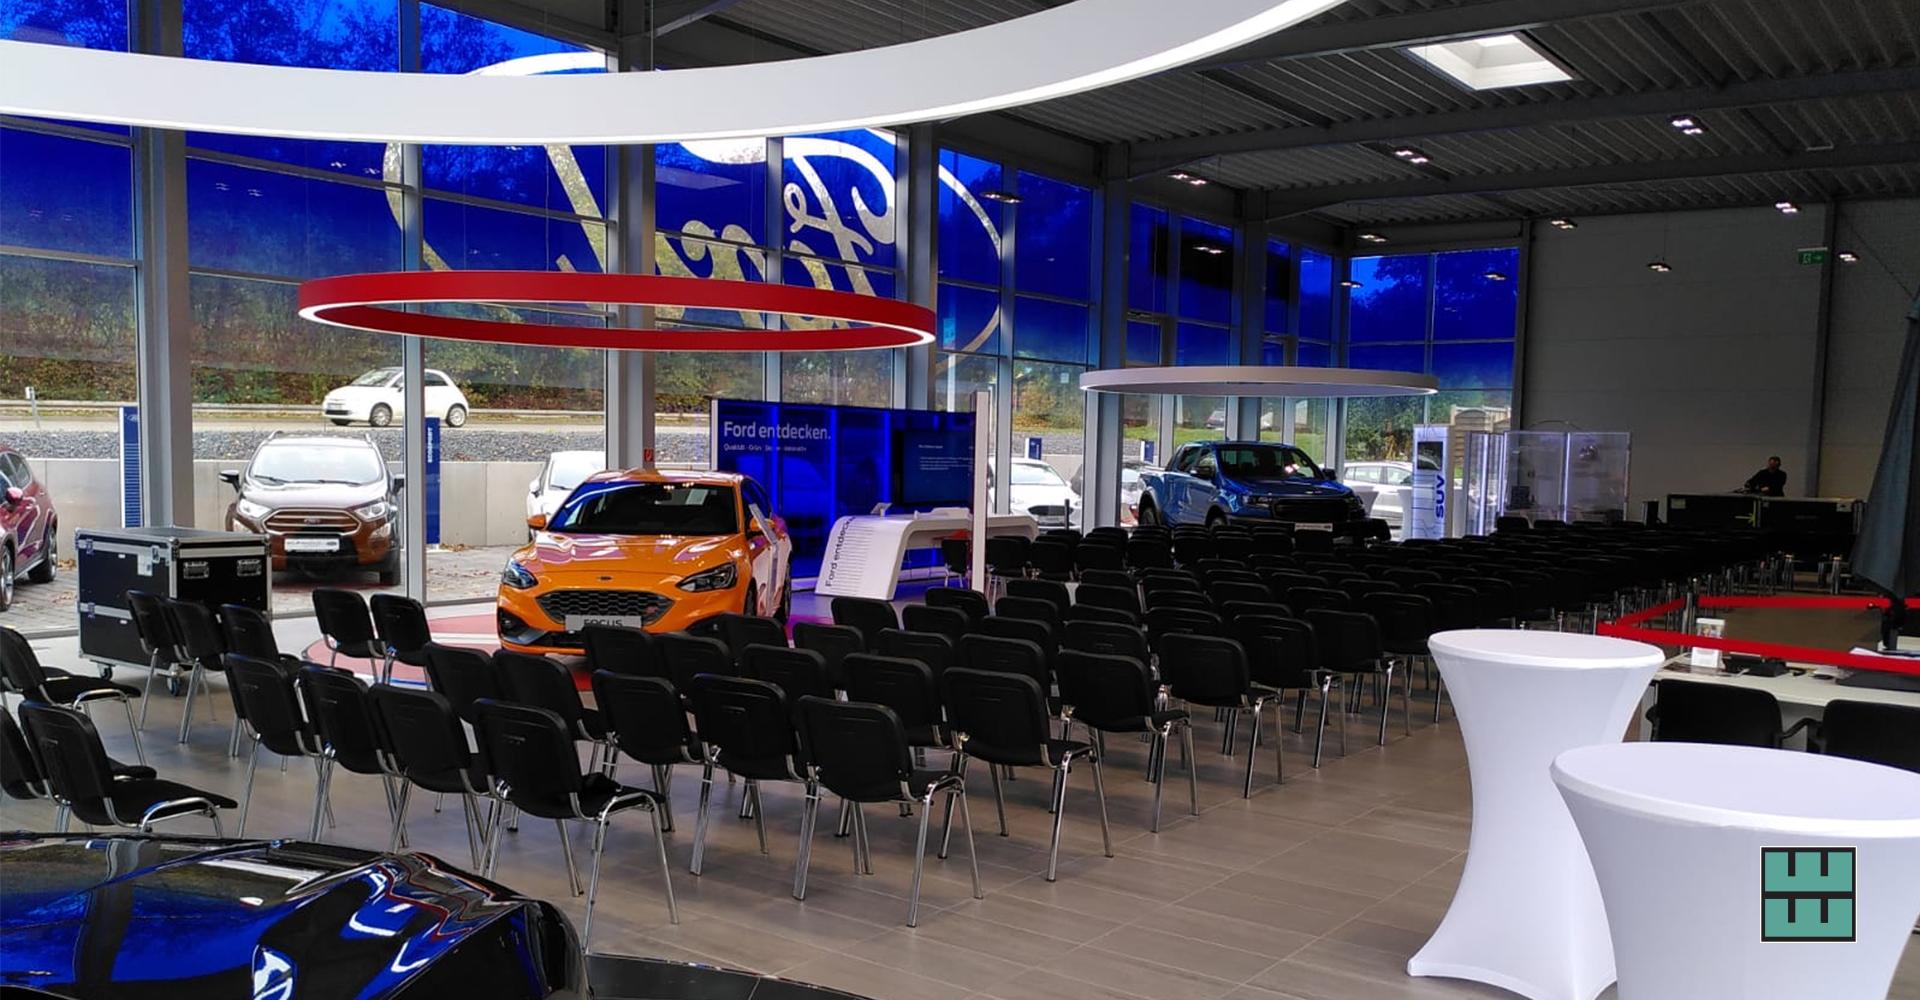 Mietmöbel für die Jobdatingdays in Alfeld Ford Delligsen Leinebergland